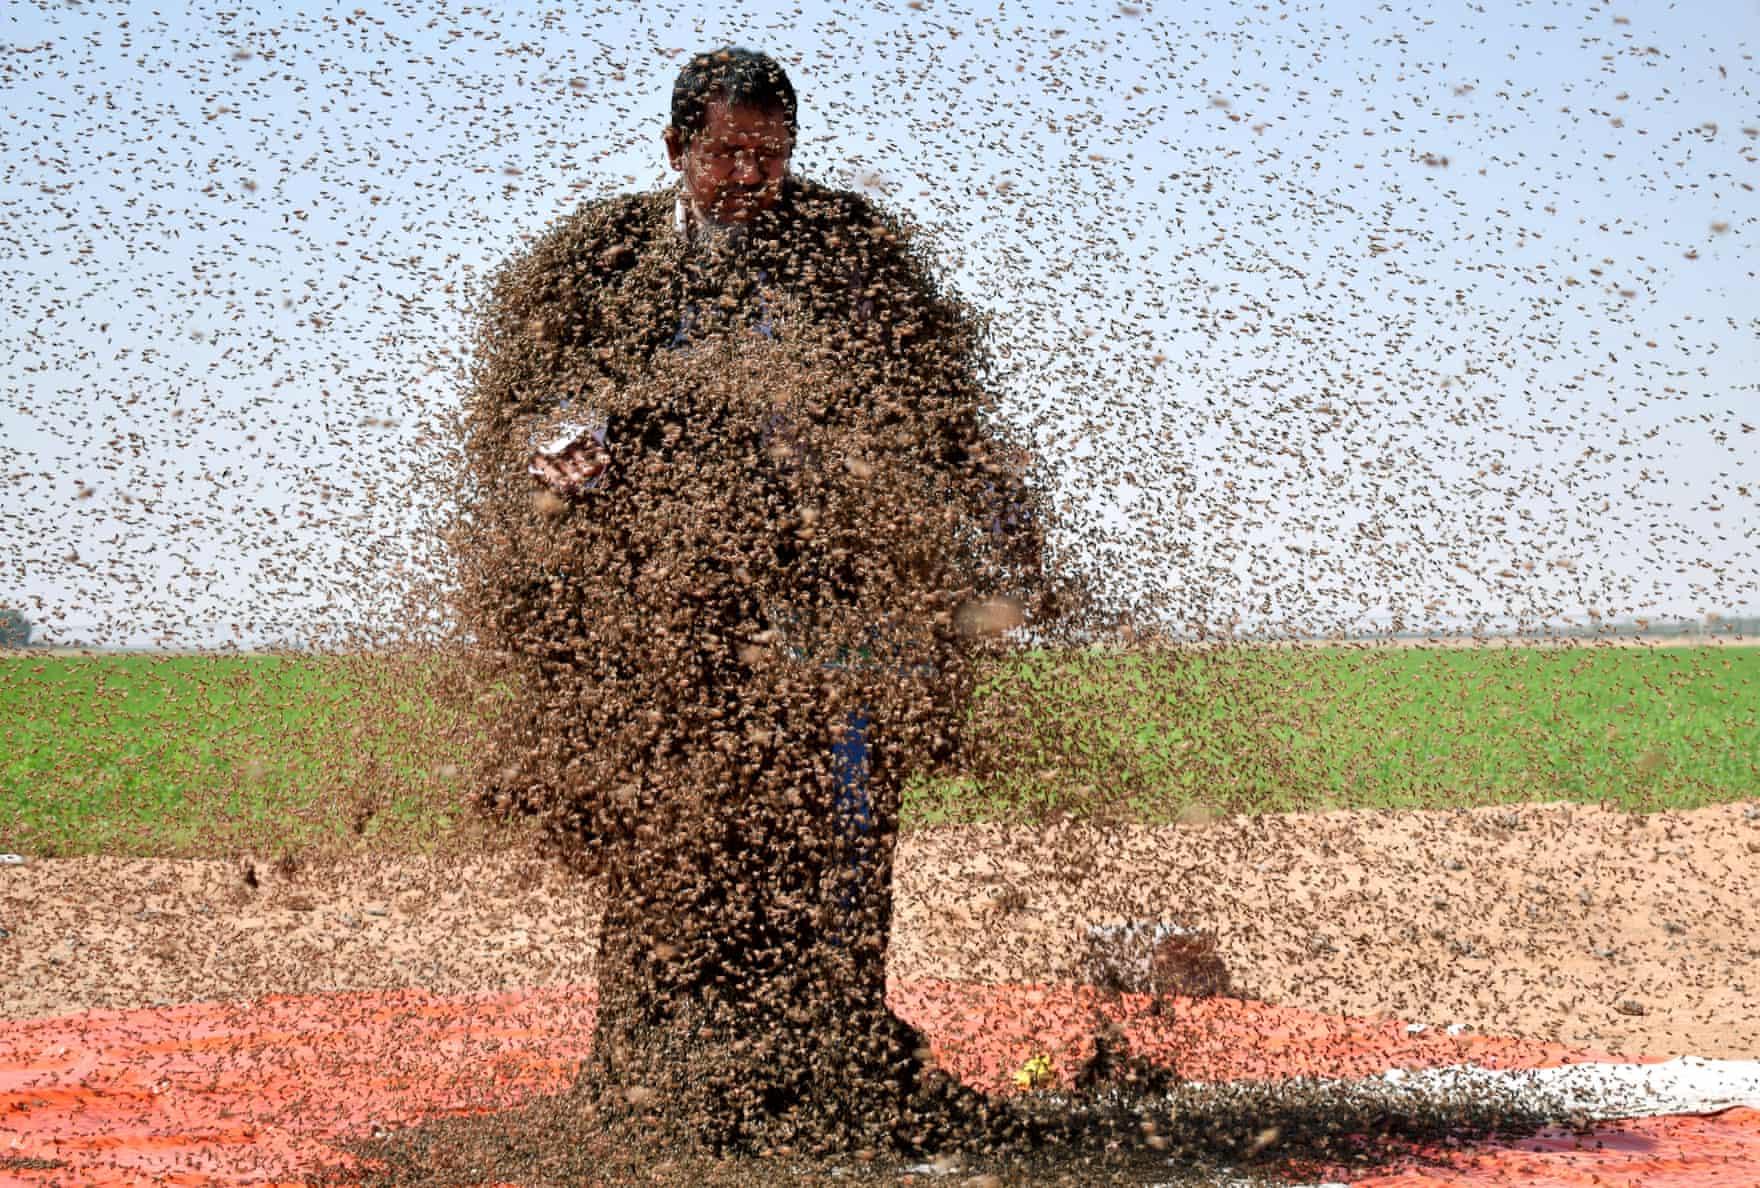 تصاویر روز: از حملهی هزاران زنبور به یک مرد عرب تا اعتراض مردم دهلی نو به افزایش بهای سوخت